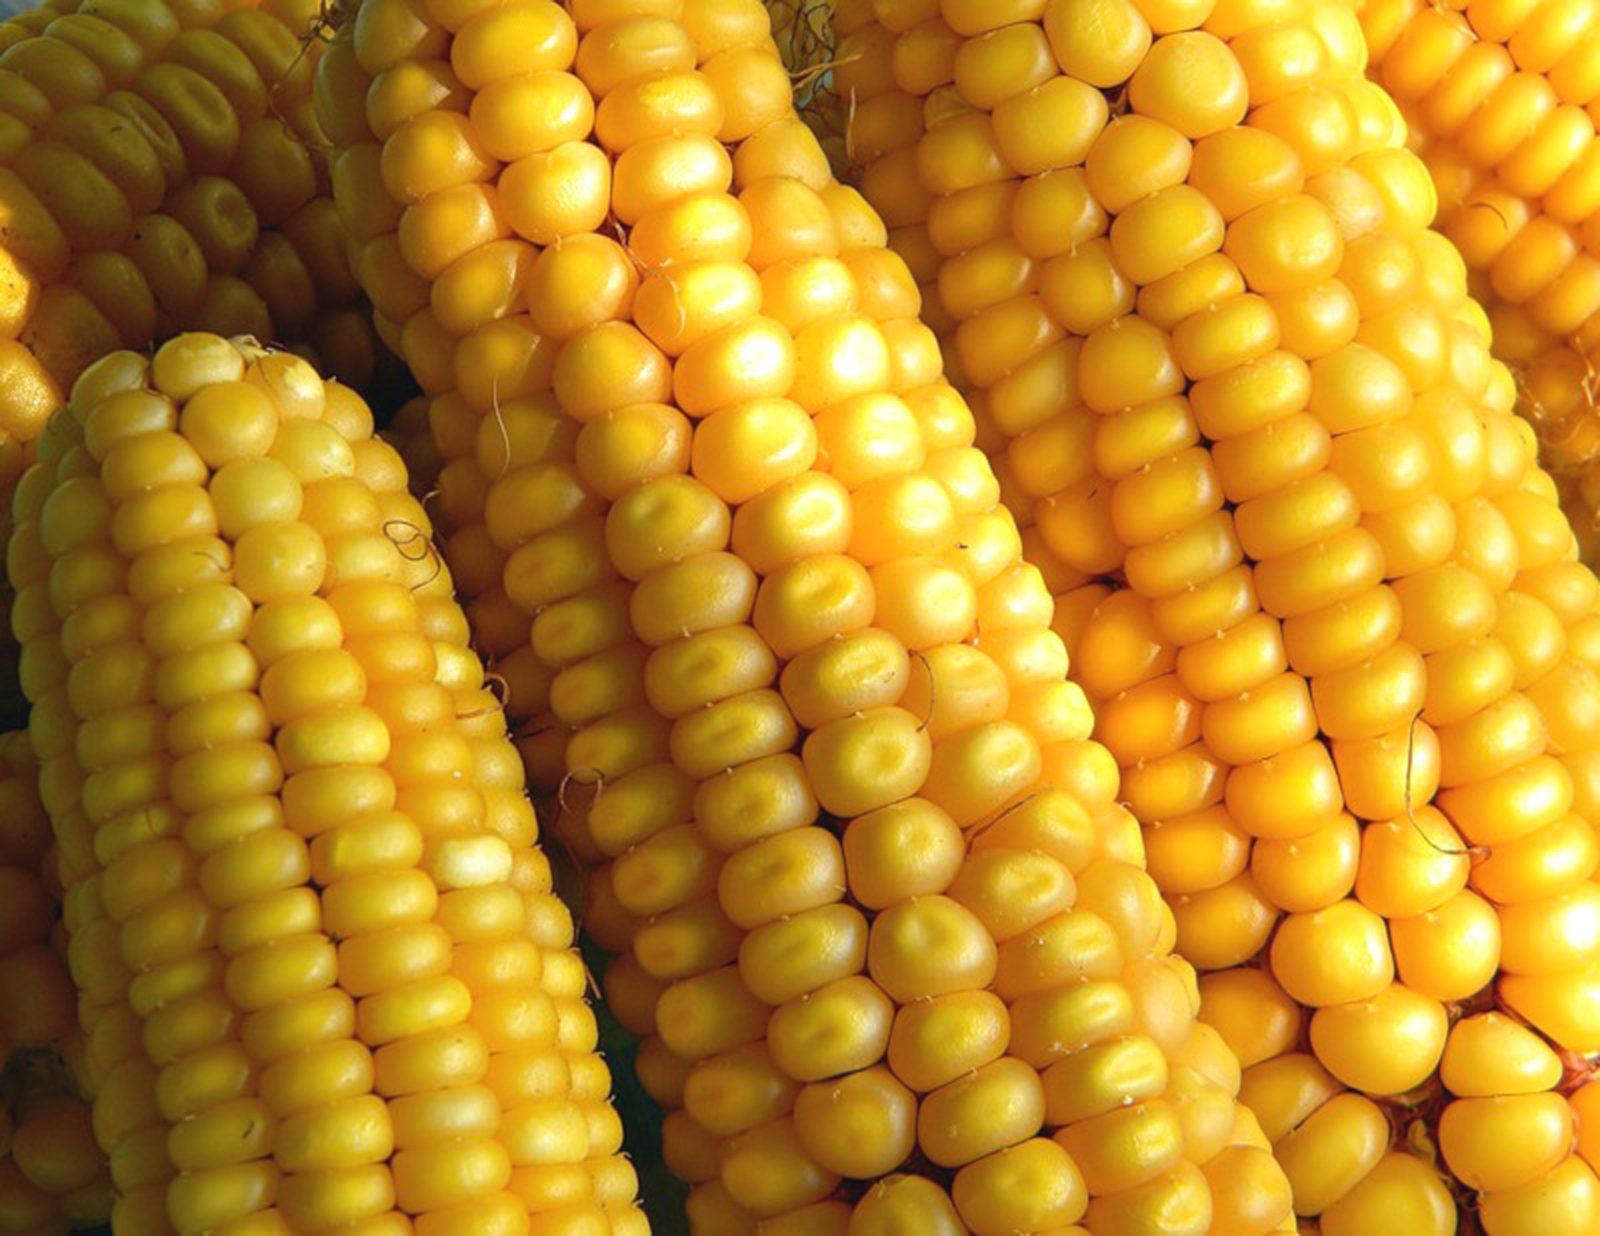 Кукуруза: пища бедняков и гурманов